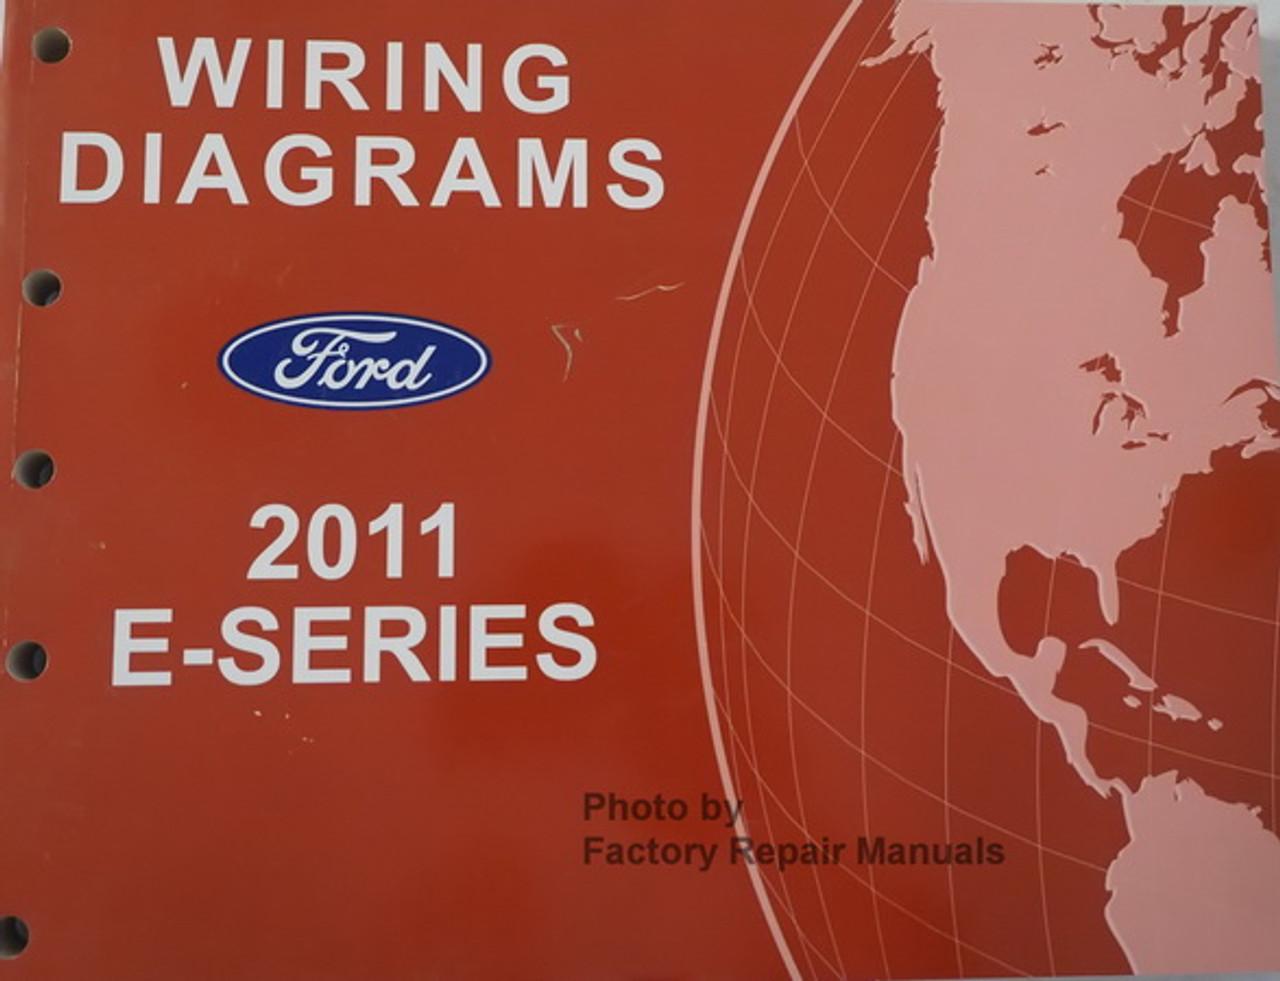 [FPER_4992]  2011 Ford E150 E250 E350 E450 Electrical Wiring Diagrams Original - Factory  Repair Manuals | E 250 Wiring Diagram |  | Factory Repair Manuals